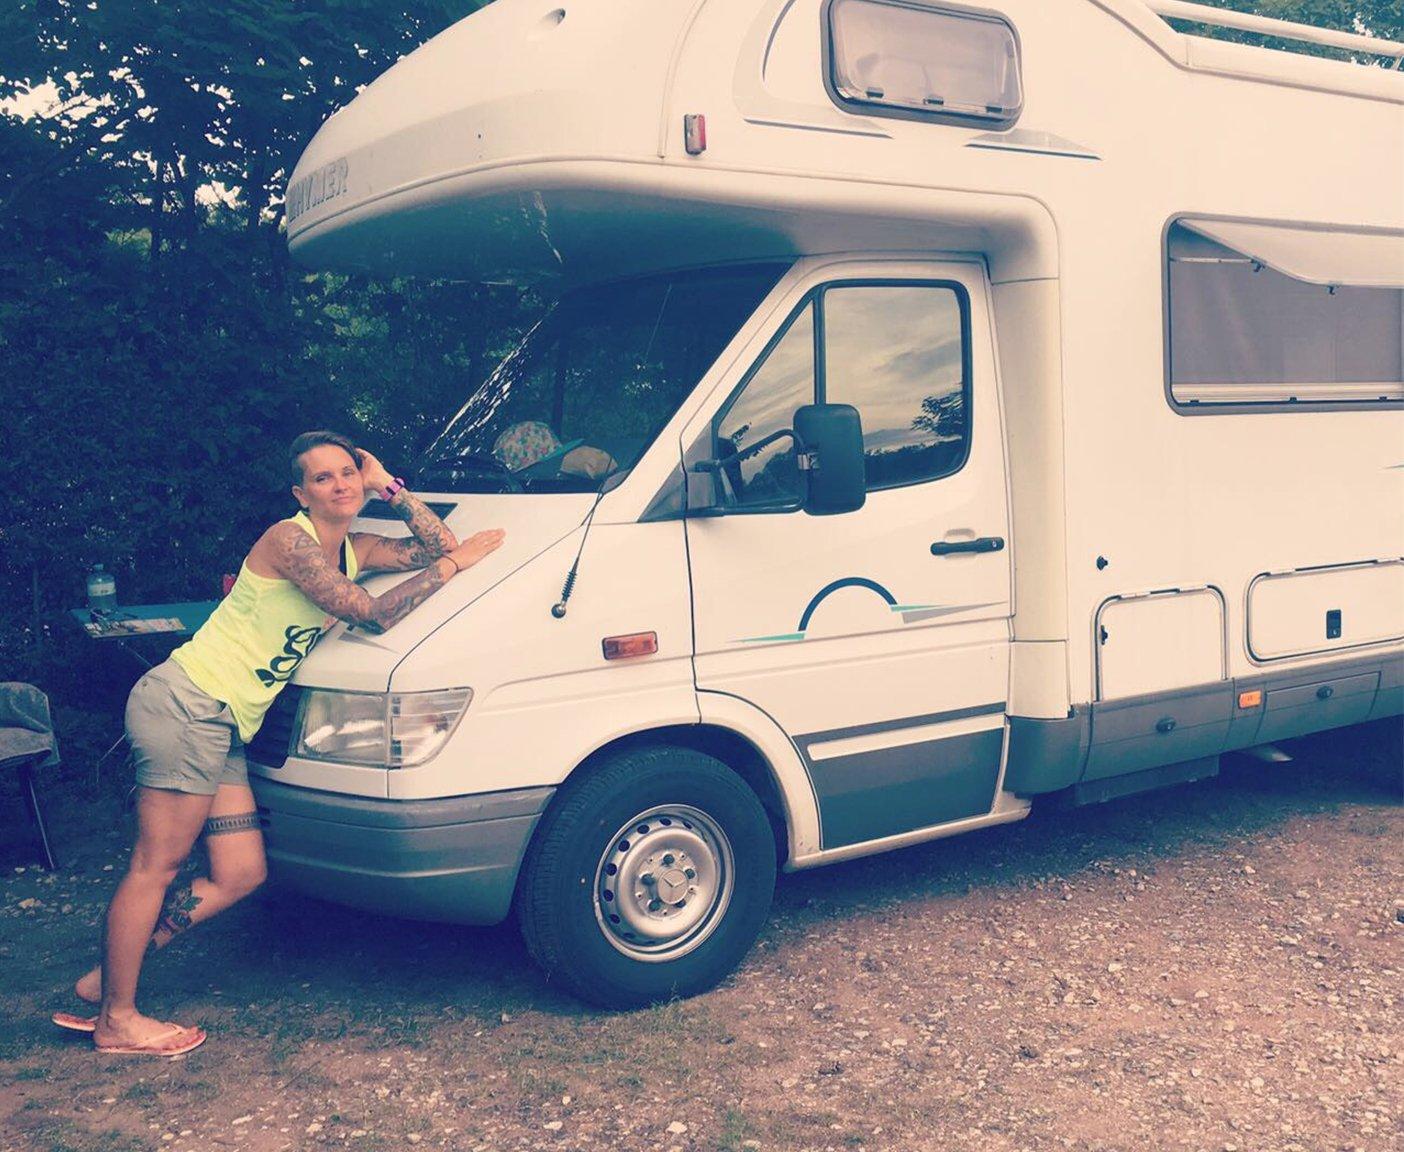 Triathlon Camp Wohnmobil Albert, Frau am Wohnmobil